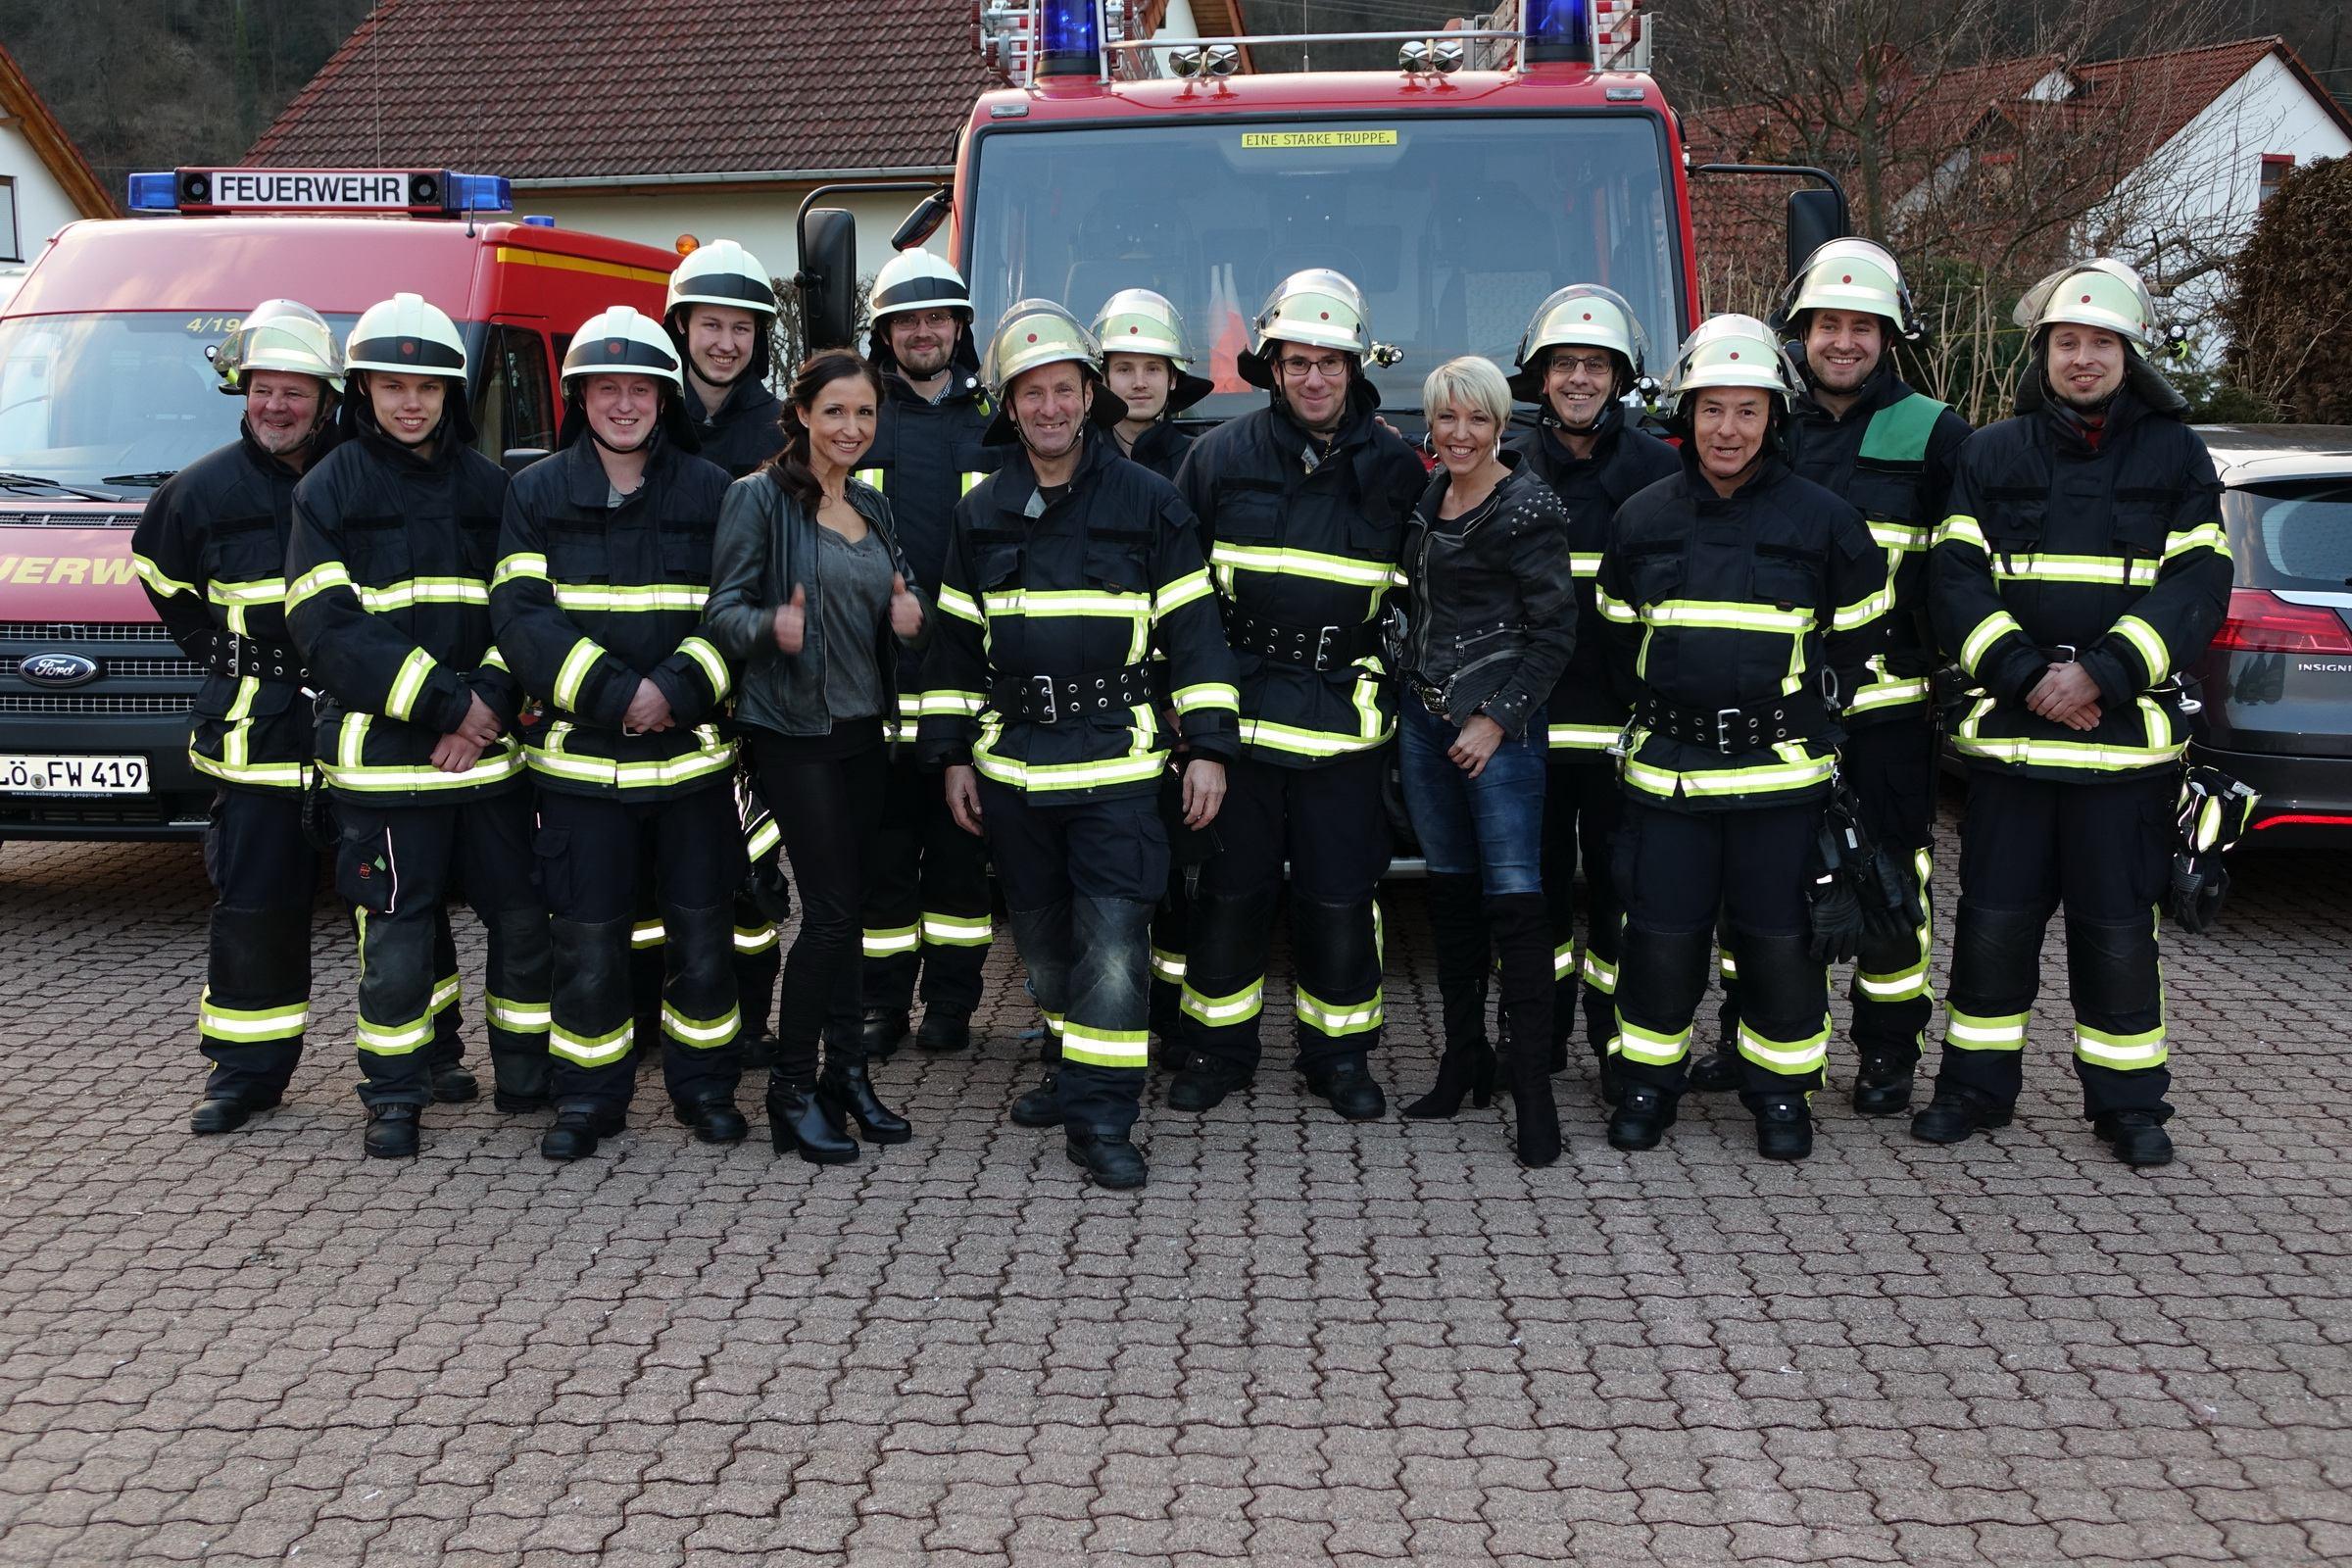 Die Einsatzabteilung beim Fotoshooting zur Wahl Mr. Feuerwehrmann 2016 mit Anita & Alexandra Hofmann